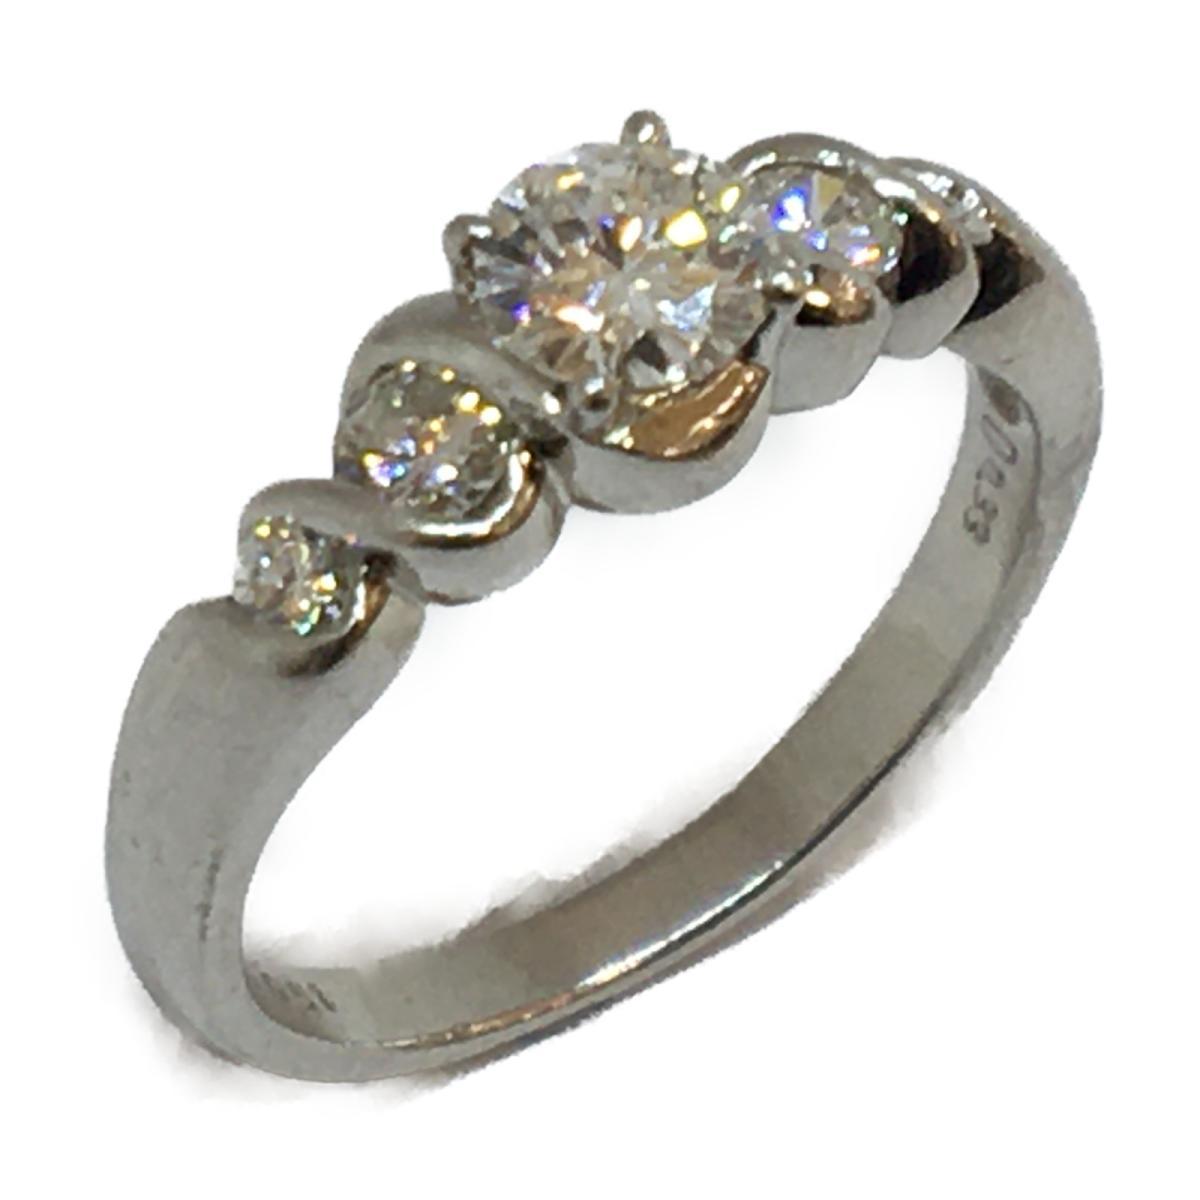 JEWELRY(ジュエリー)/ジュエリー ダイヤモンド 指輪 リング/リング//PT900(プラチナ)×ダイヤモンド(0.51ct/0.33ct)/【ランクA】/14.5号【中古】